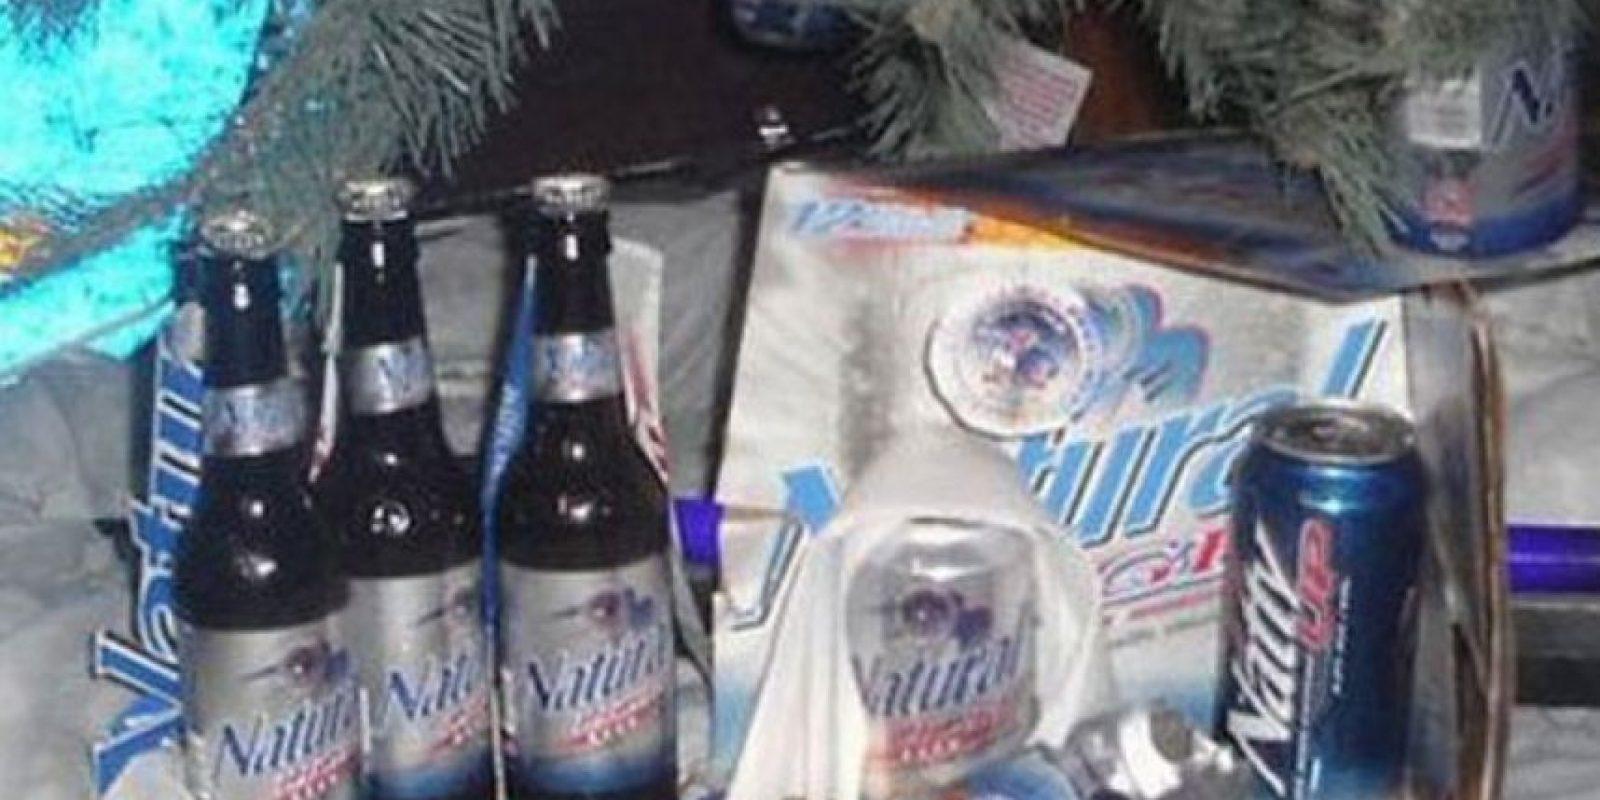 Las cervezas también celebran. Foto:Reddit